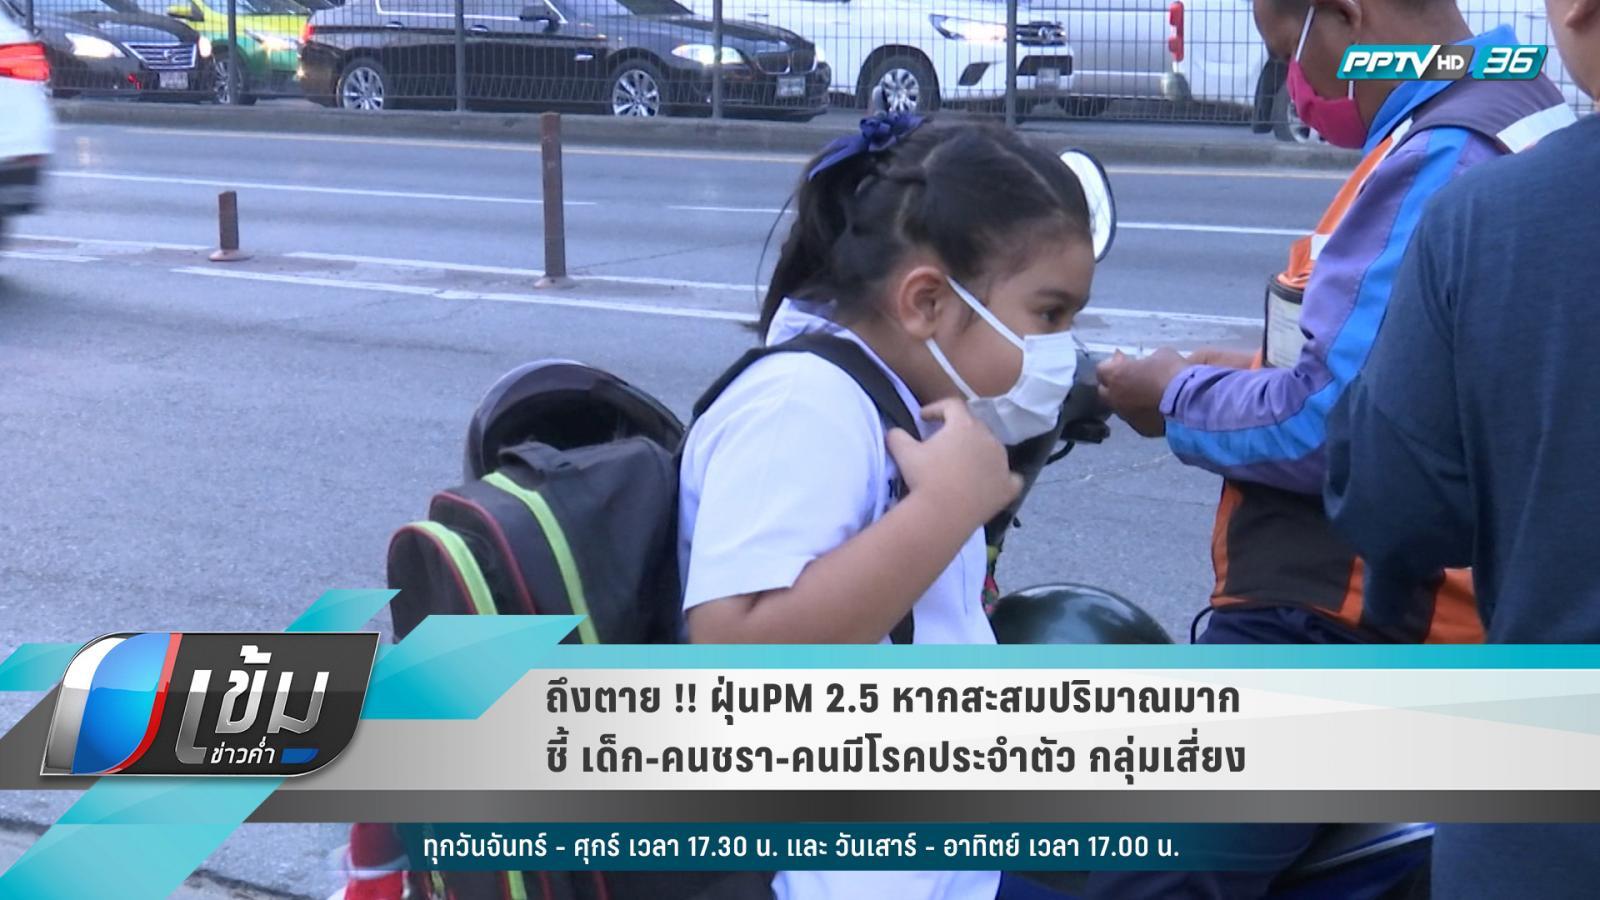 ถึงตาย !! ฝุ่นPM 2.5 หากสะสมปริมาณมาก ชี้ เด็ก-คนชรา-คนมีโรคประจำตัว กลุ่มเสี่ยง